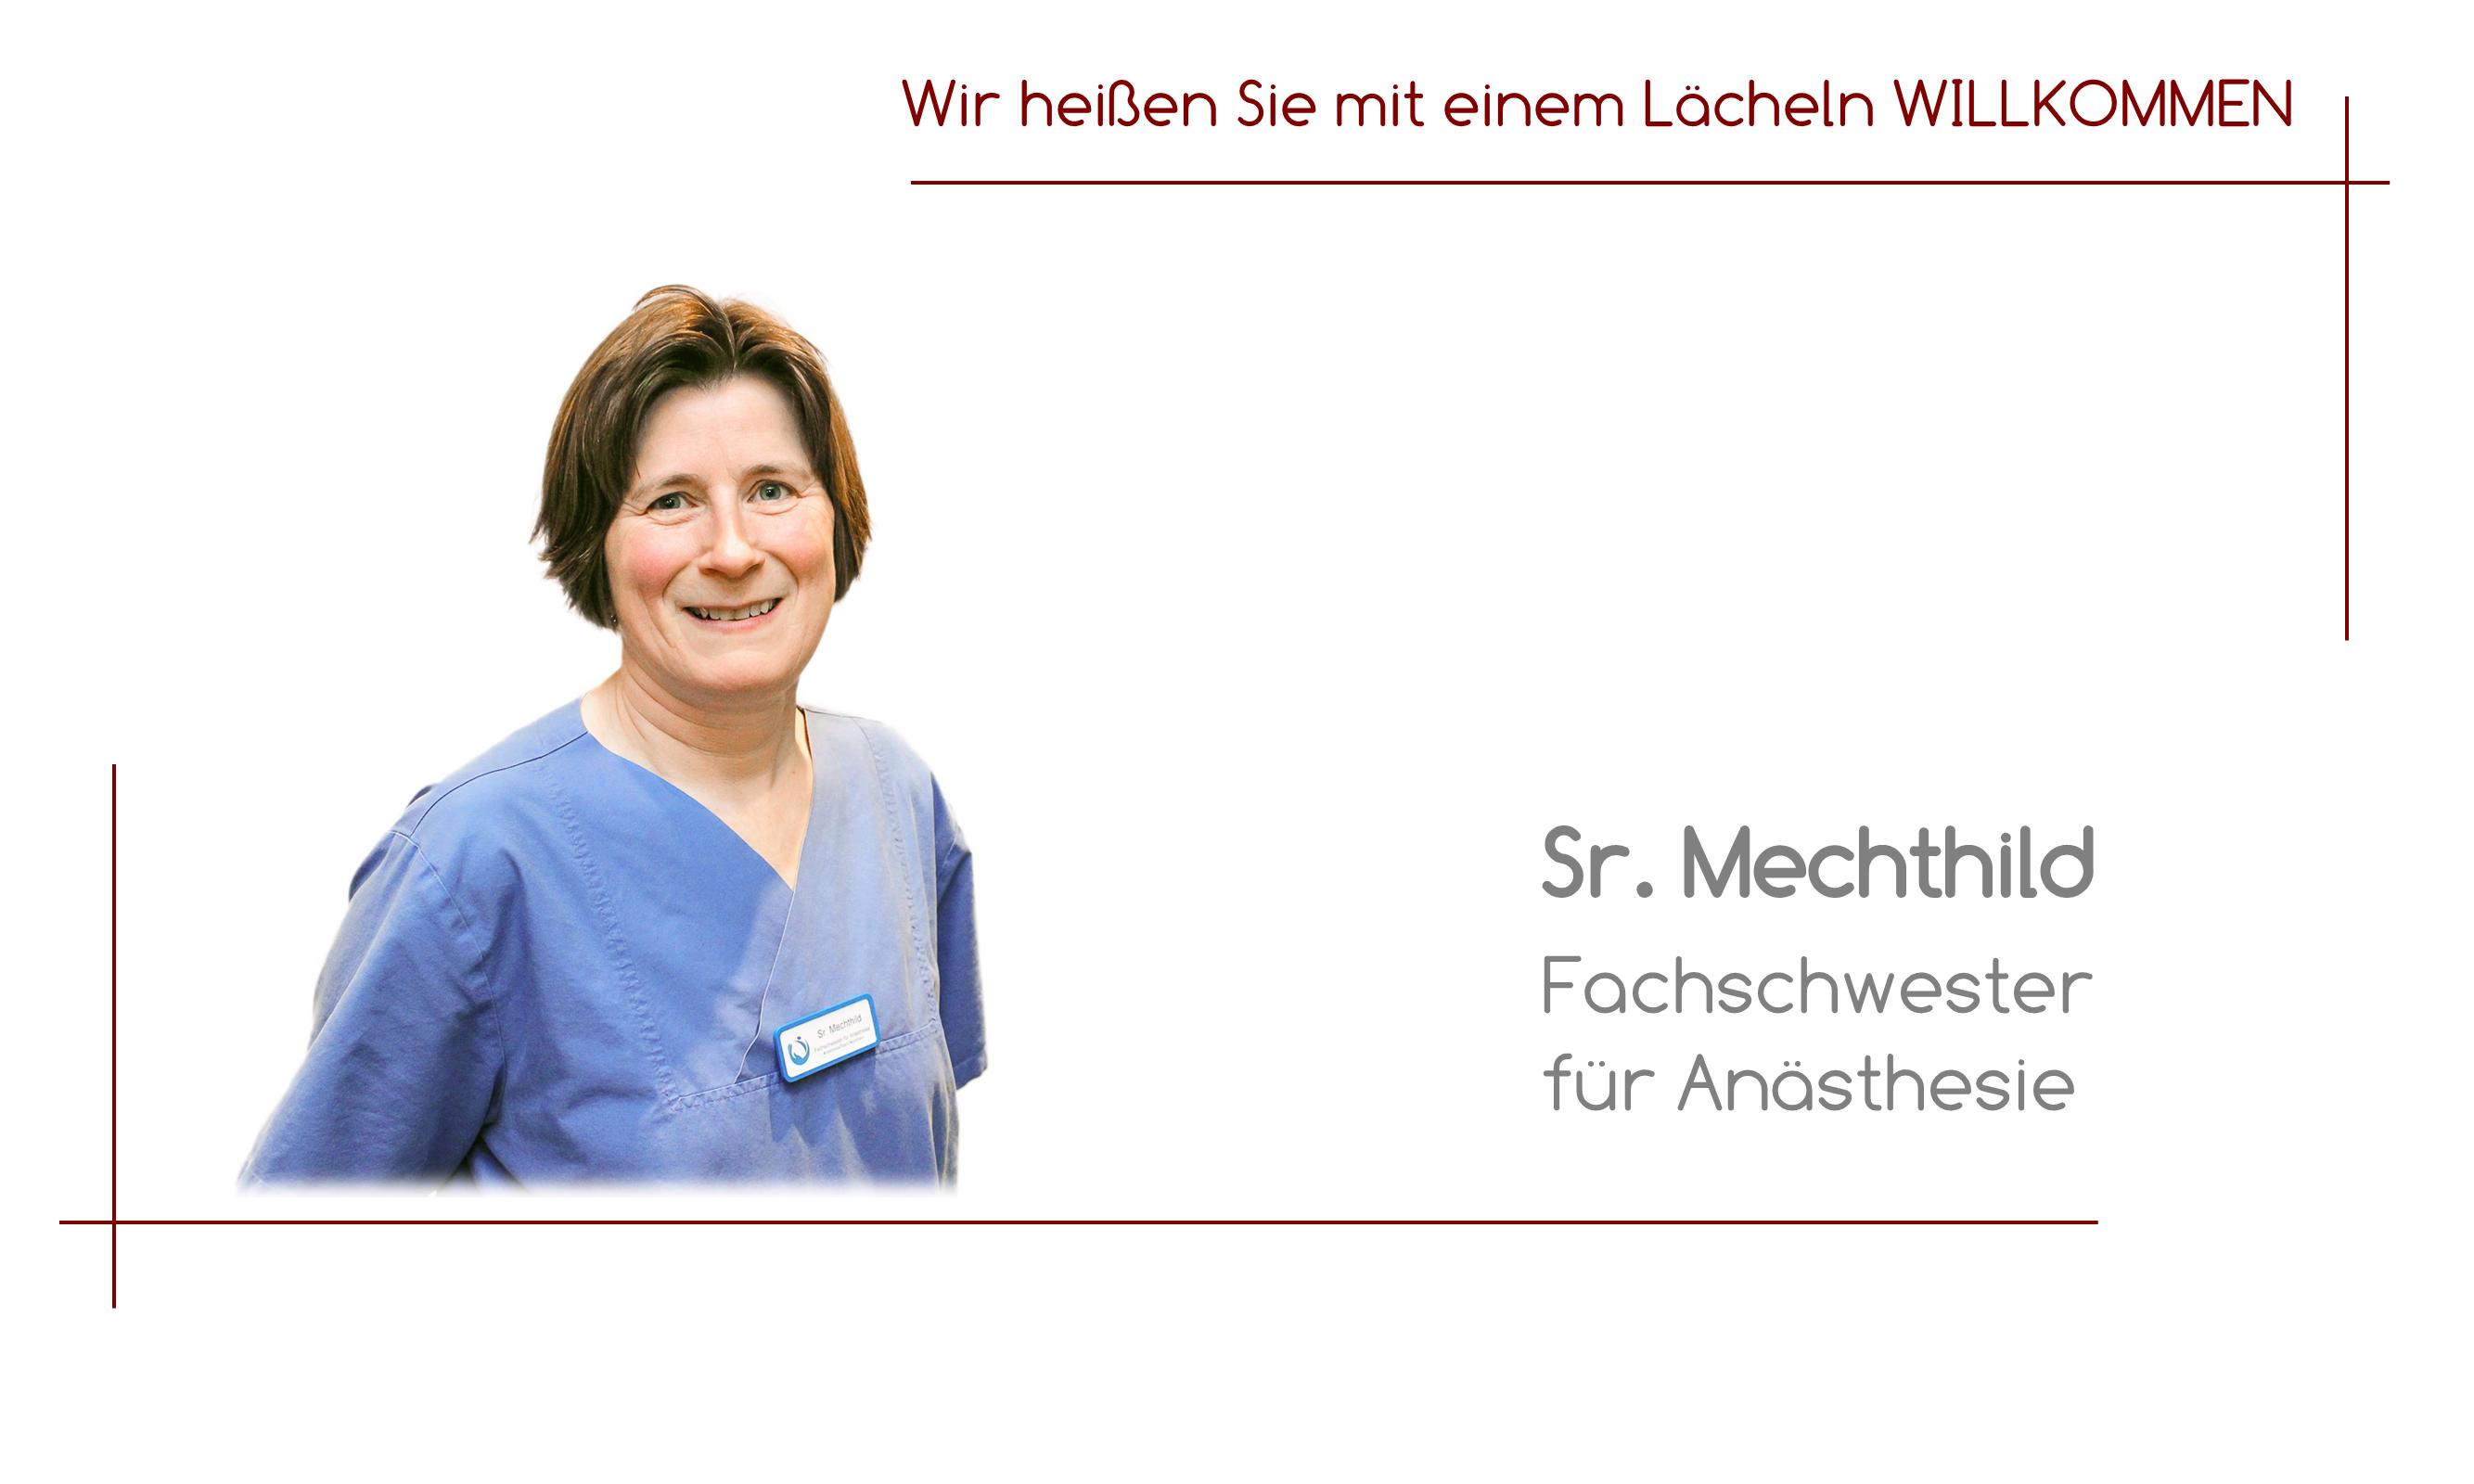 Sr. Mechthild - Fachschwester für Anästhesie